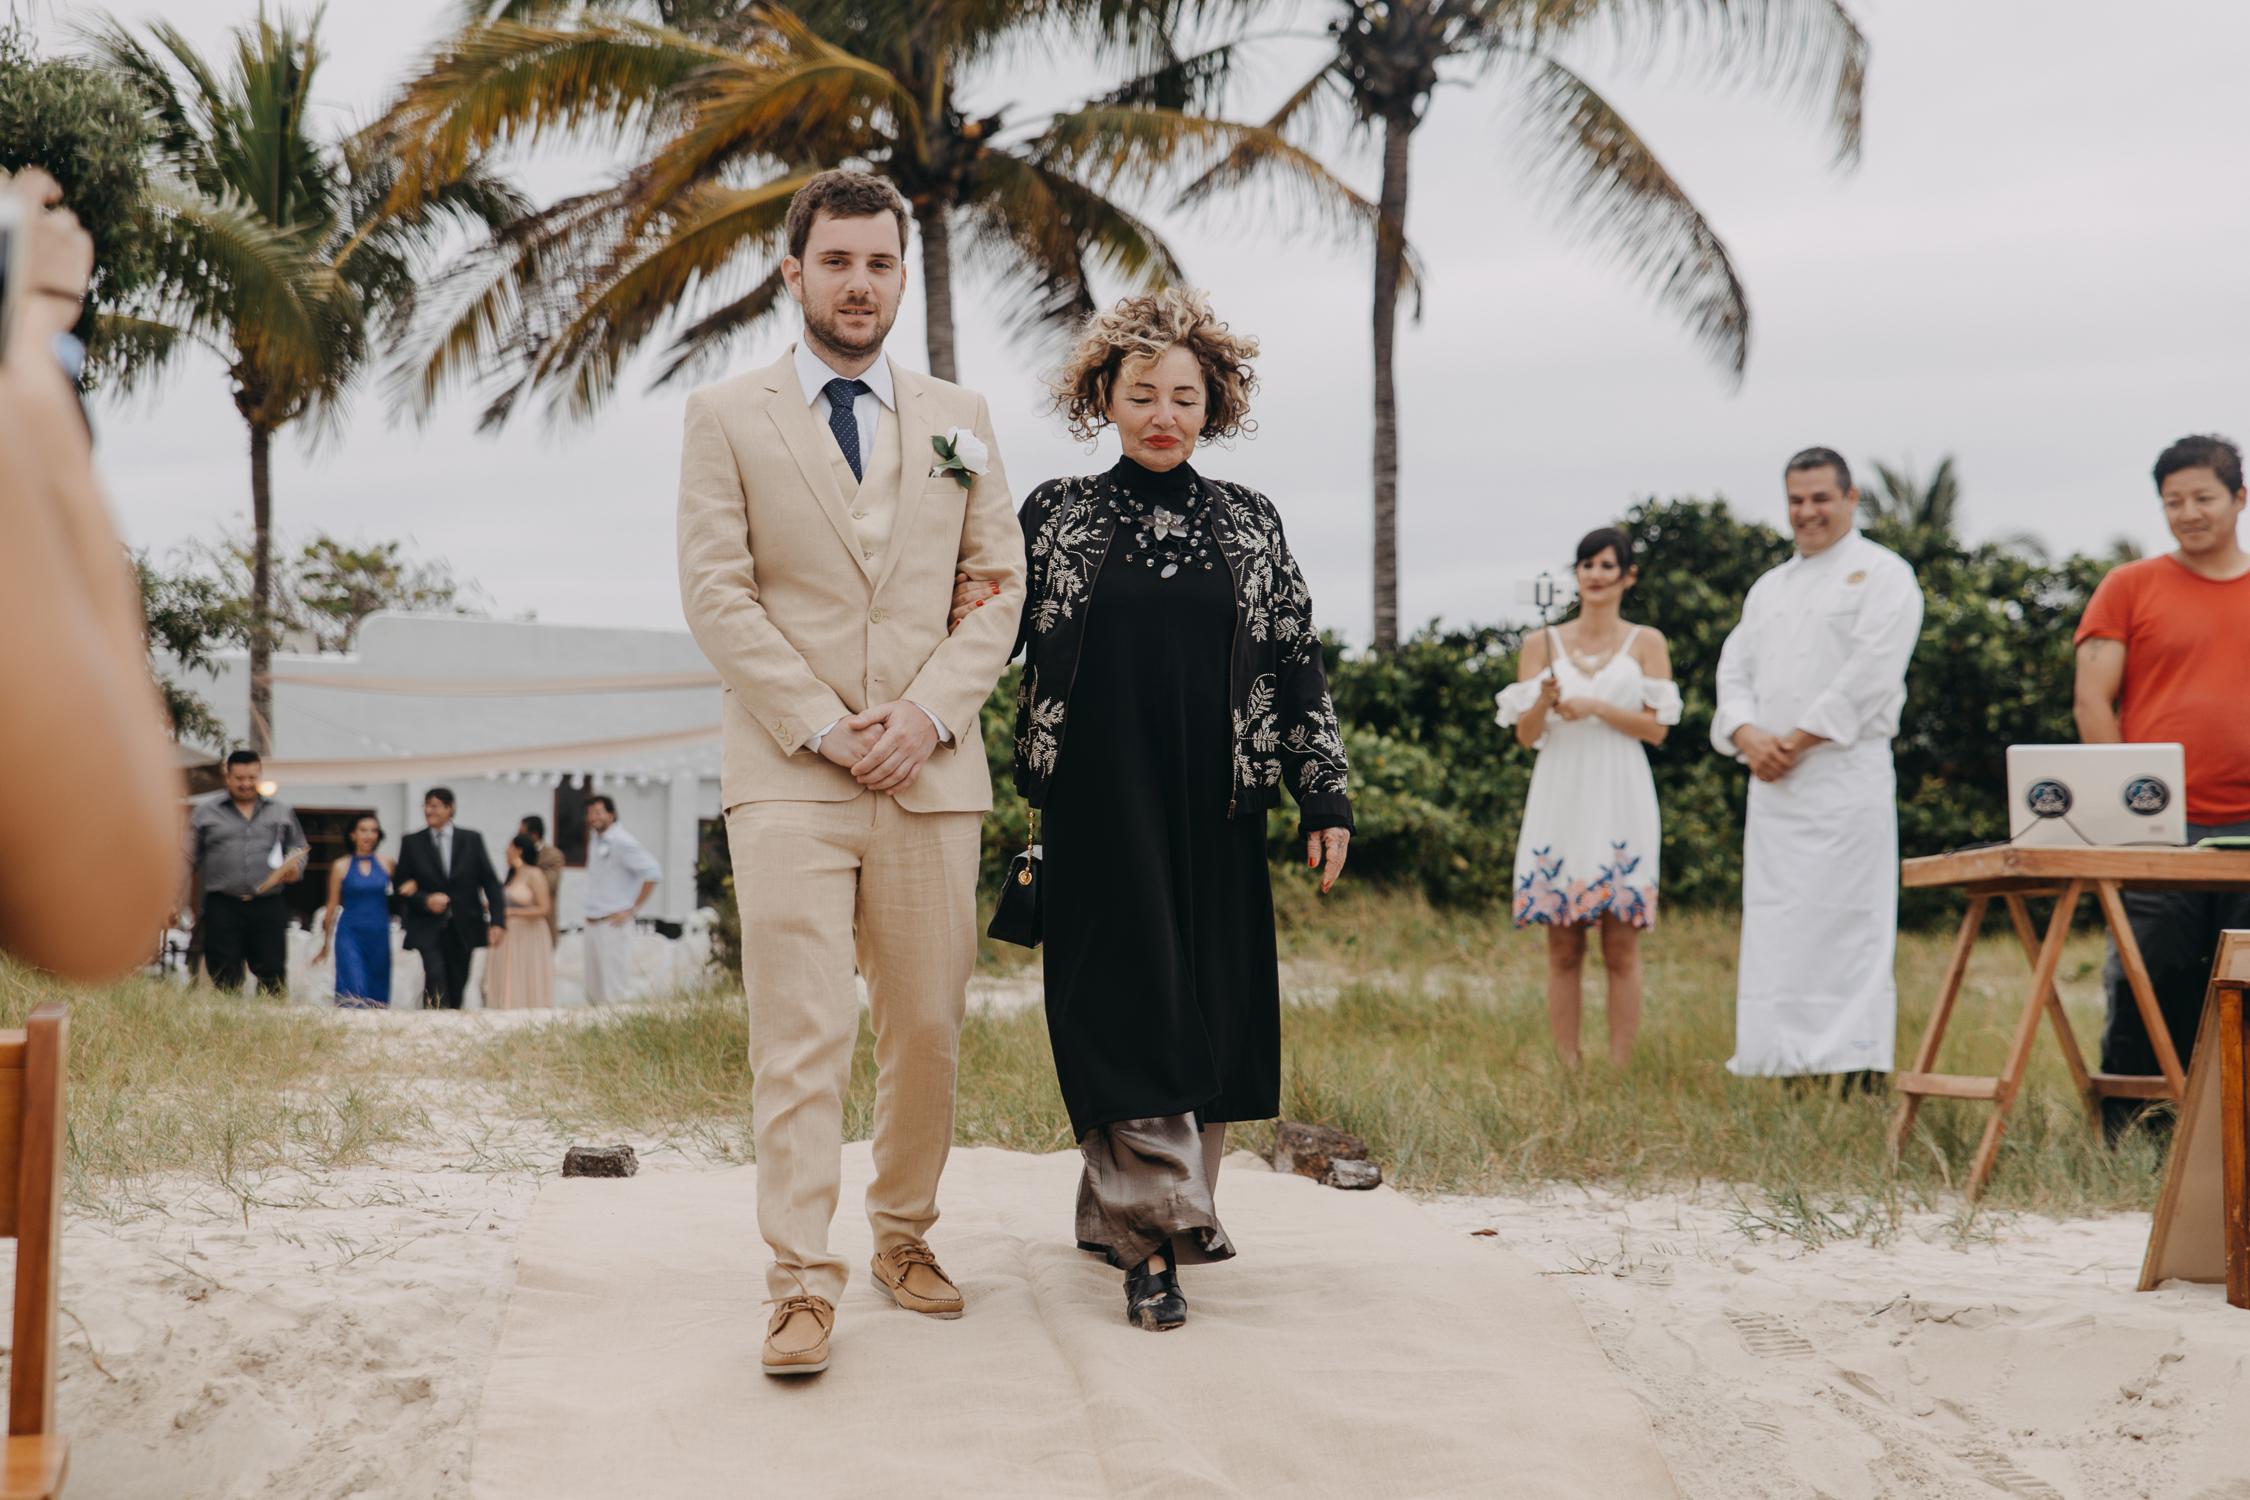 Michelle-Agurto-Fotografia-Bodas-Ecuador-Destination-Wedding-Photographer-Galapagos-Andrea-Joaquin-63.JPG